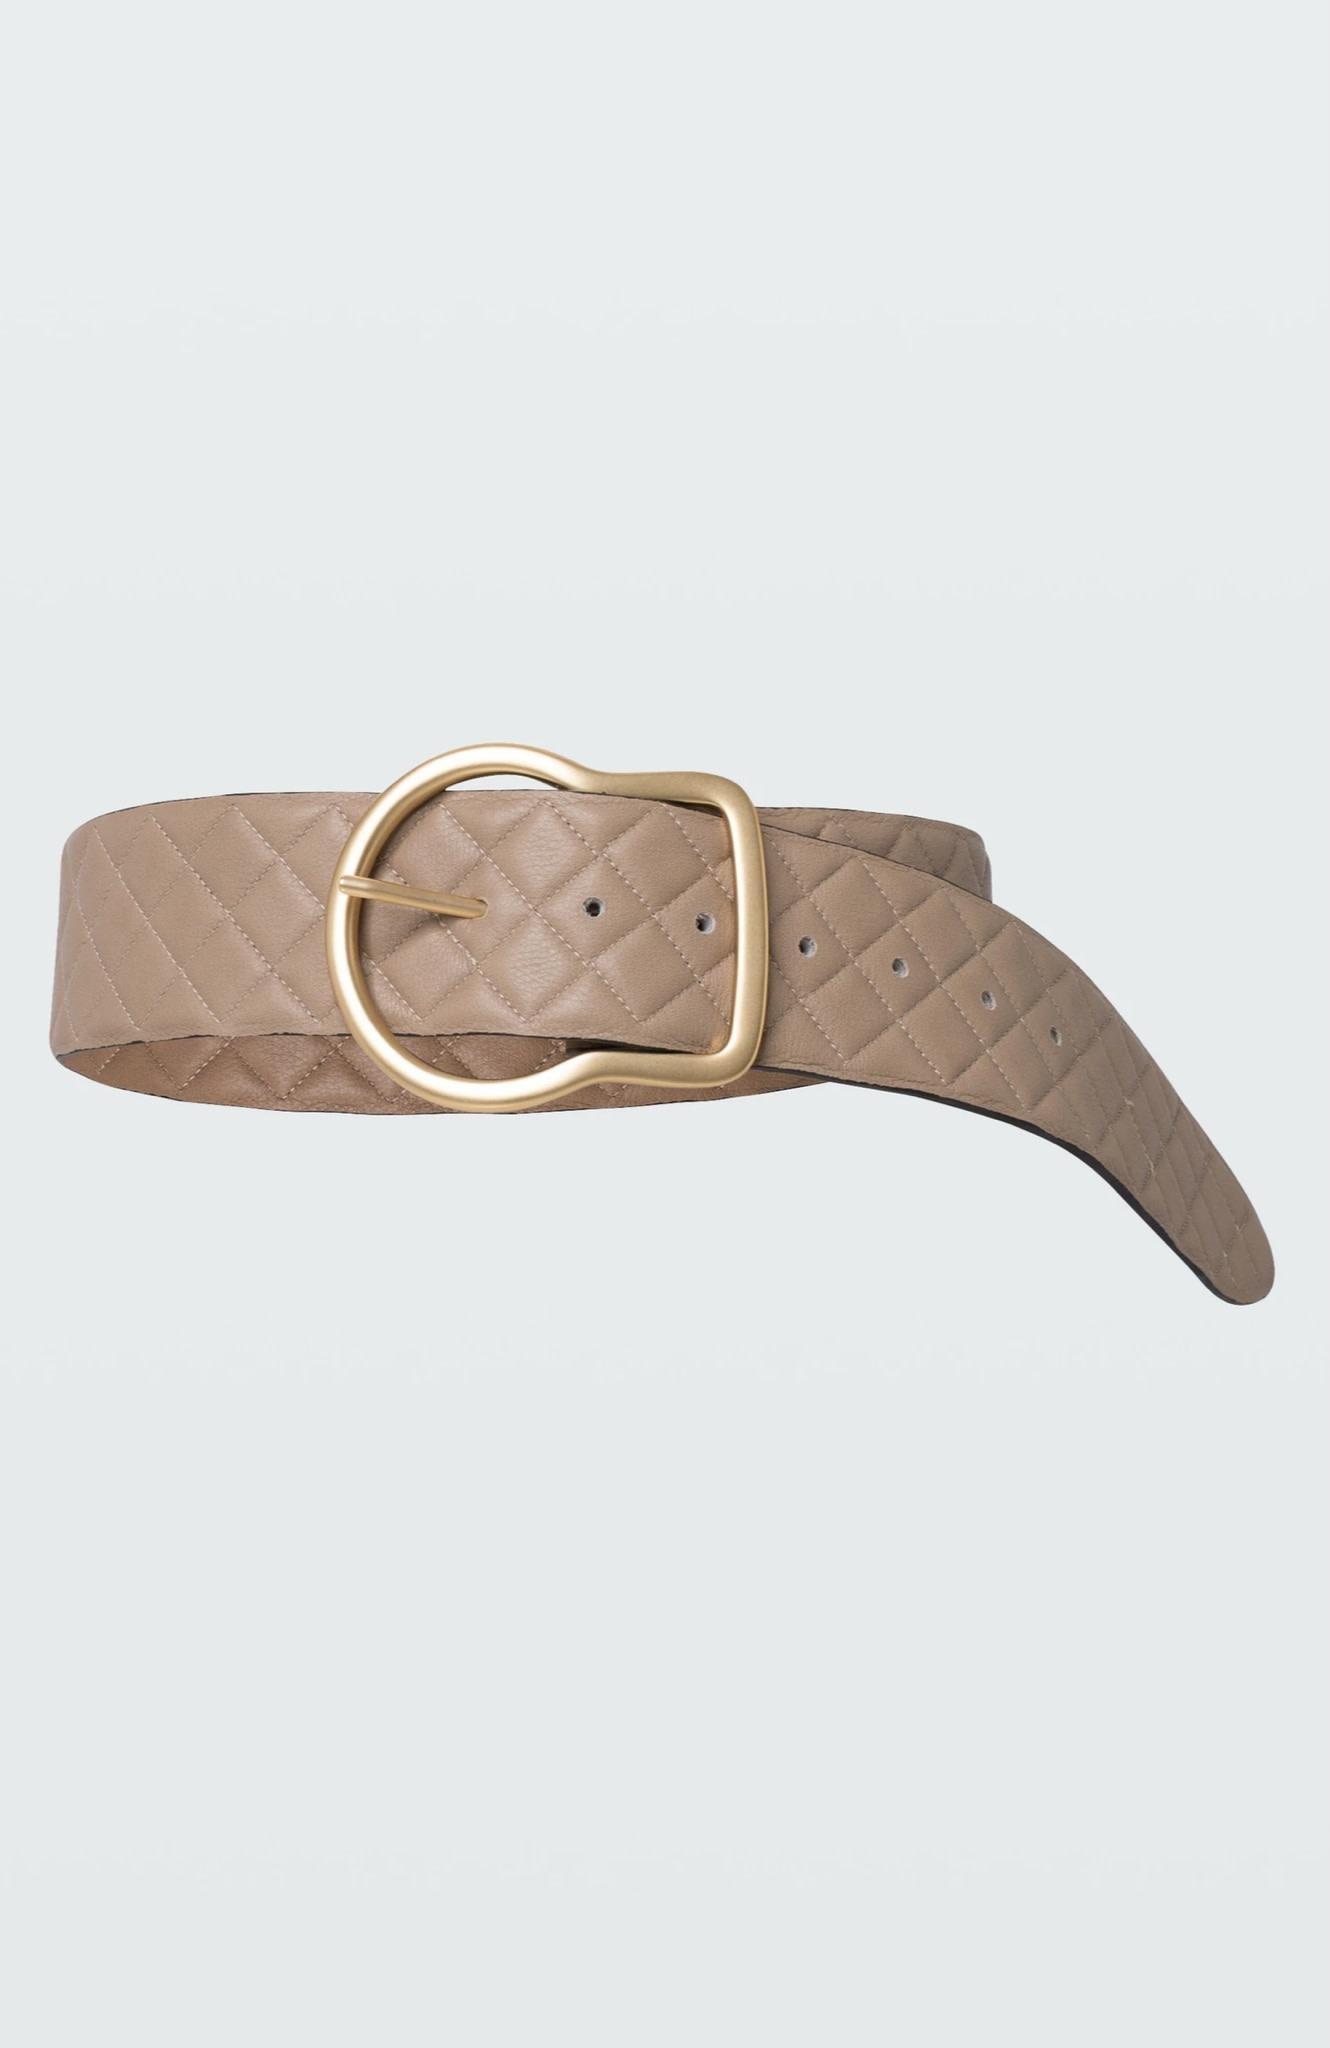 Stitch sensation belt dorothee schumacher-1